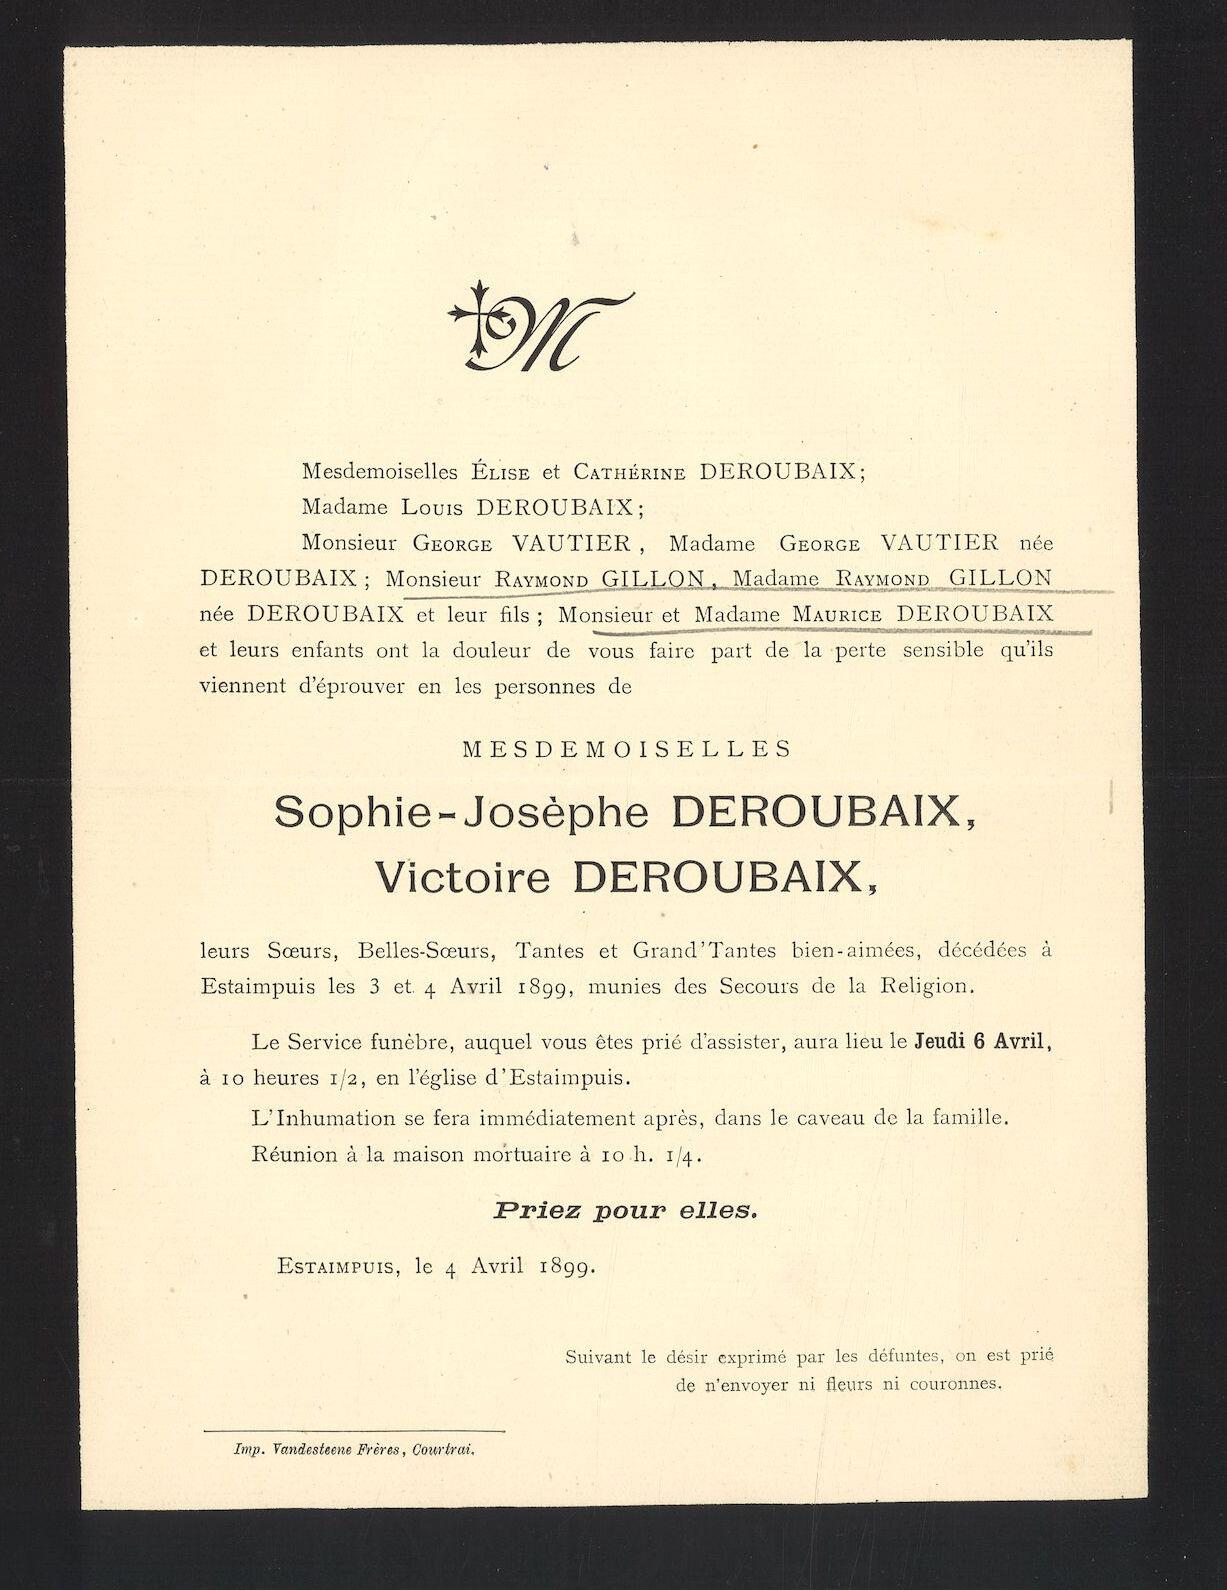 Sophie-Josèphe en Victoire Deroubaix